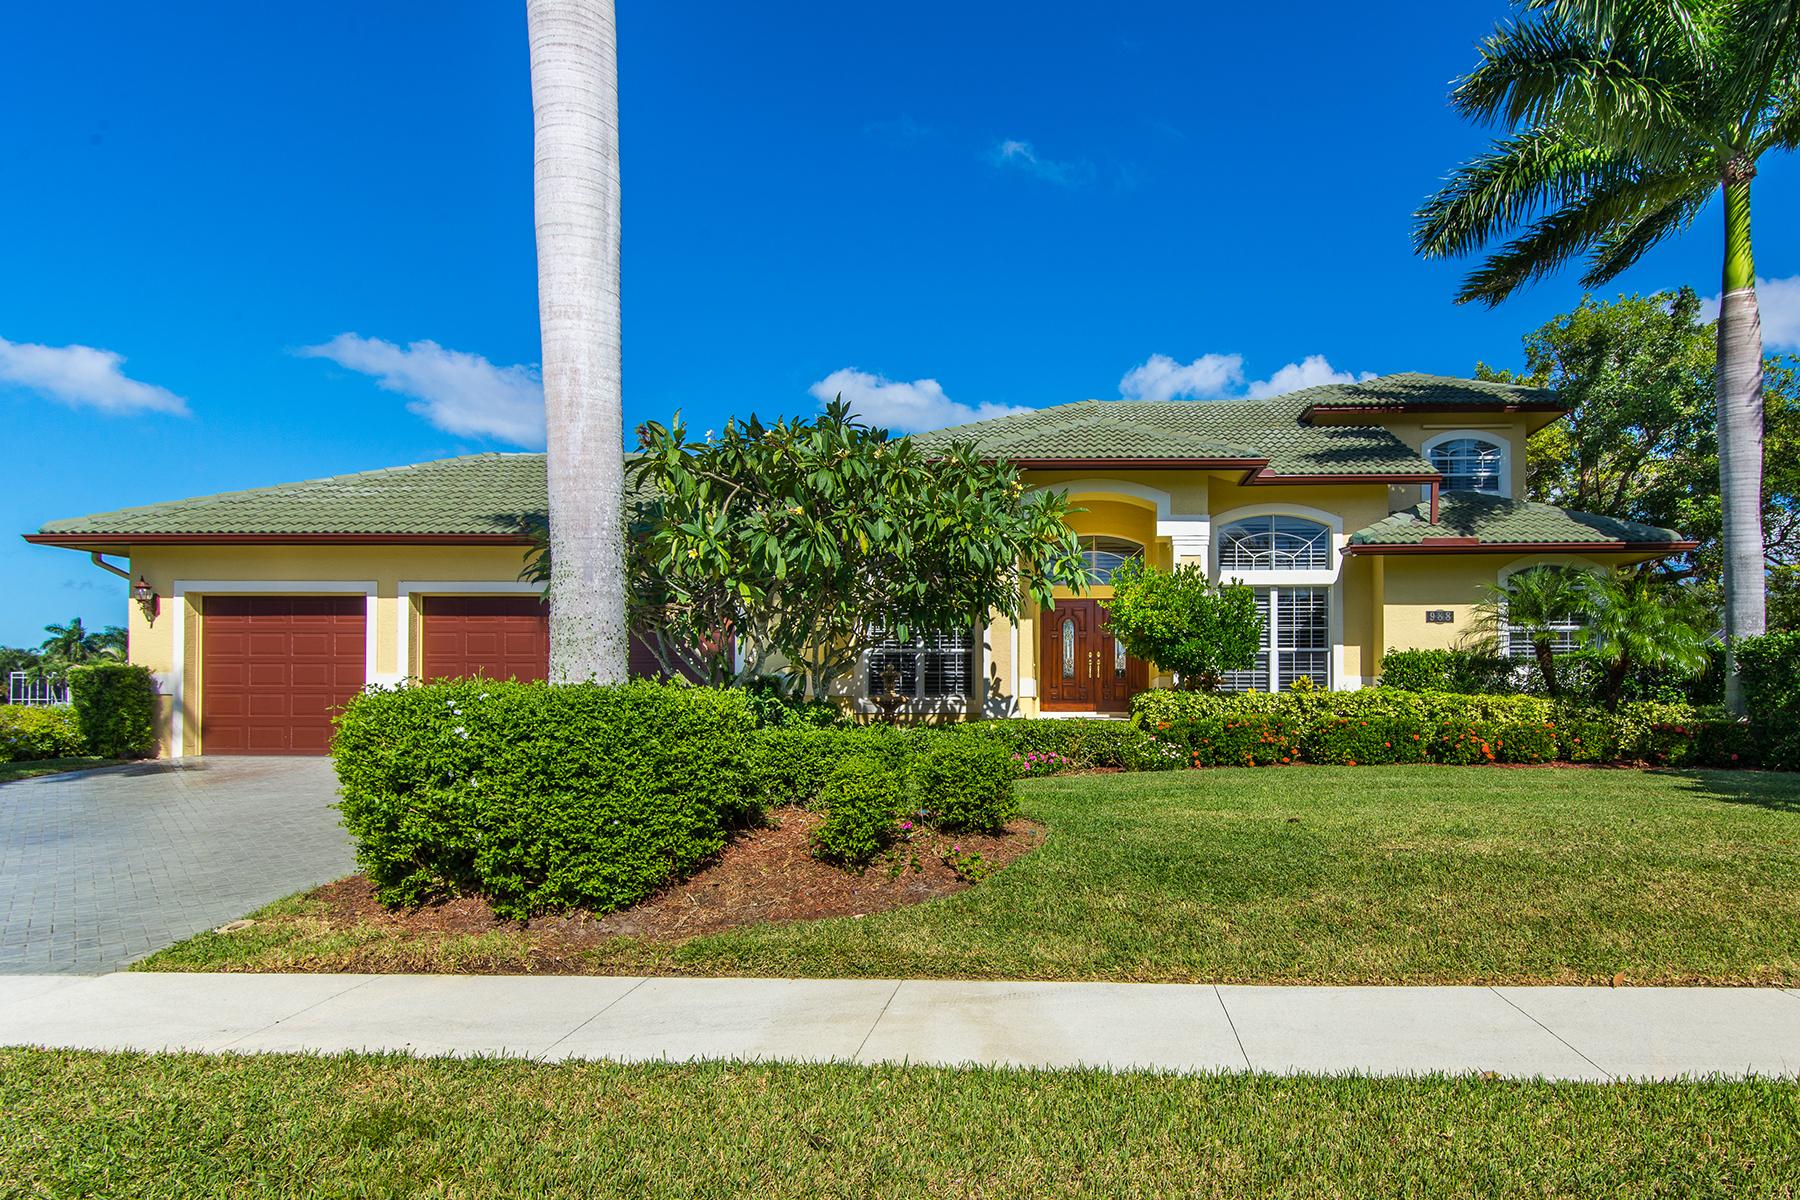 Casa para uma família para Venda às MARCO ISLAND - HUNT COURT 988 Hunt Ct Marco Island, Florida 34145 Estados Unidos